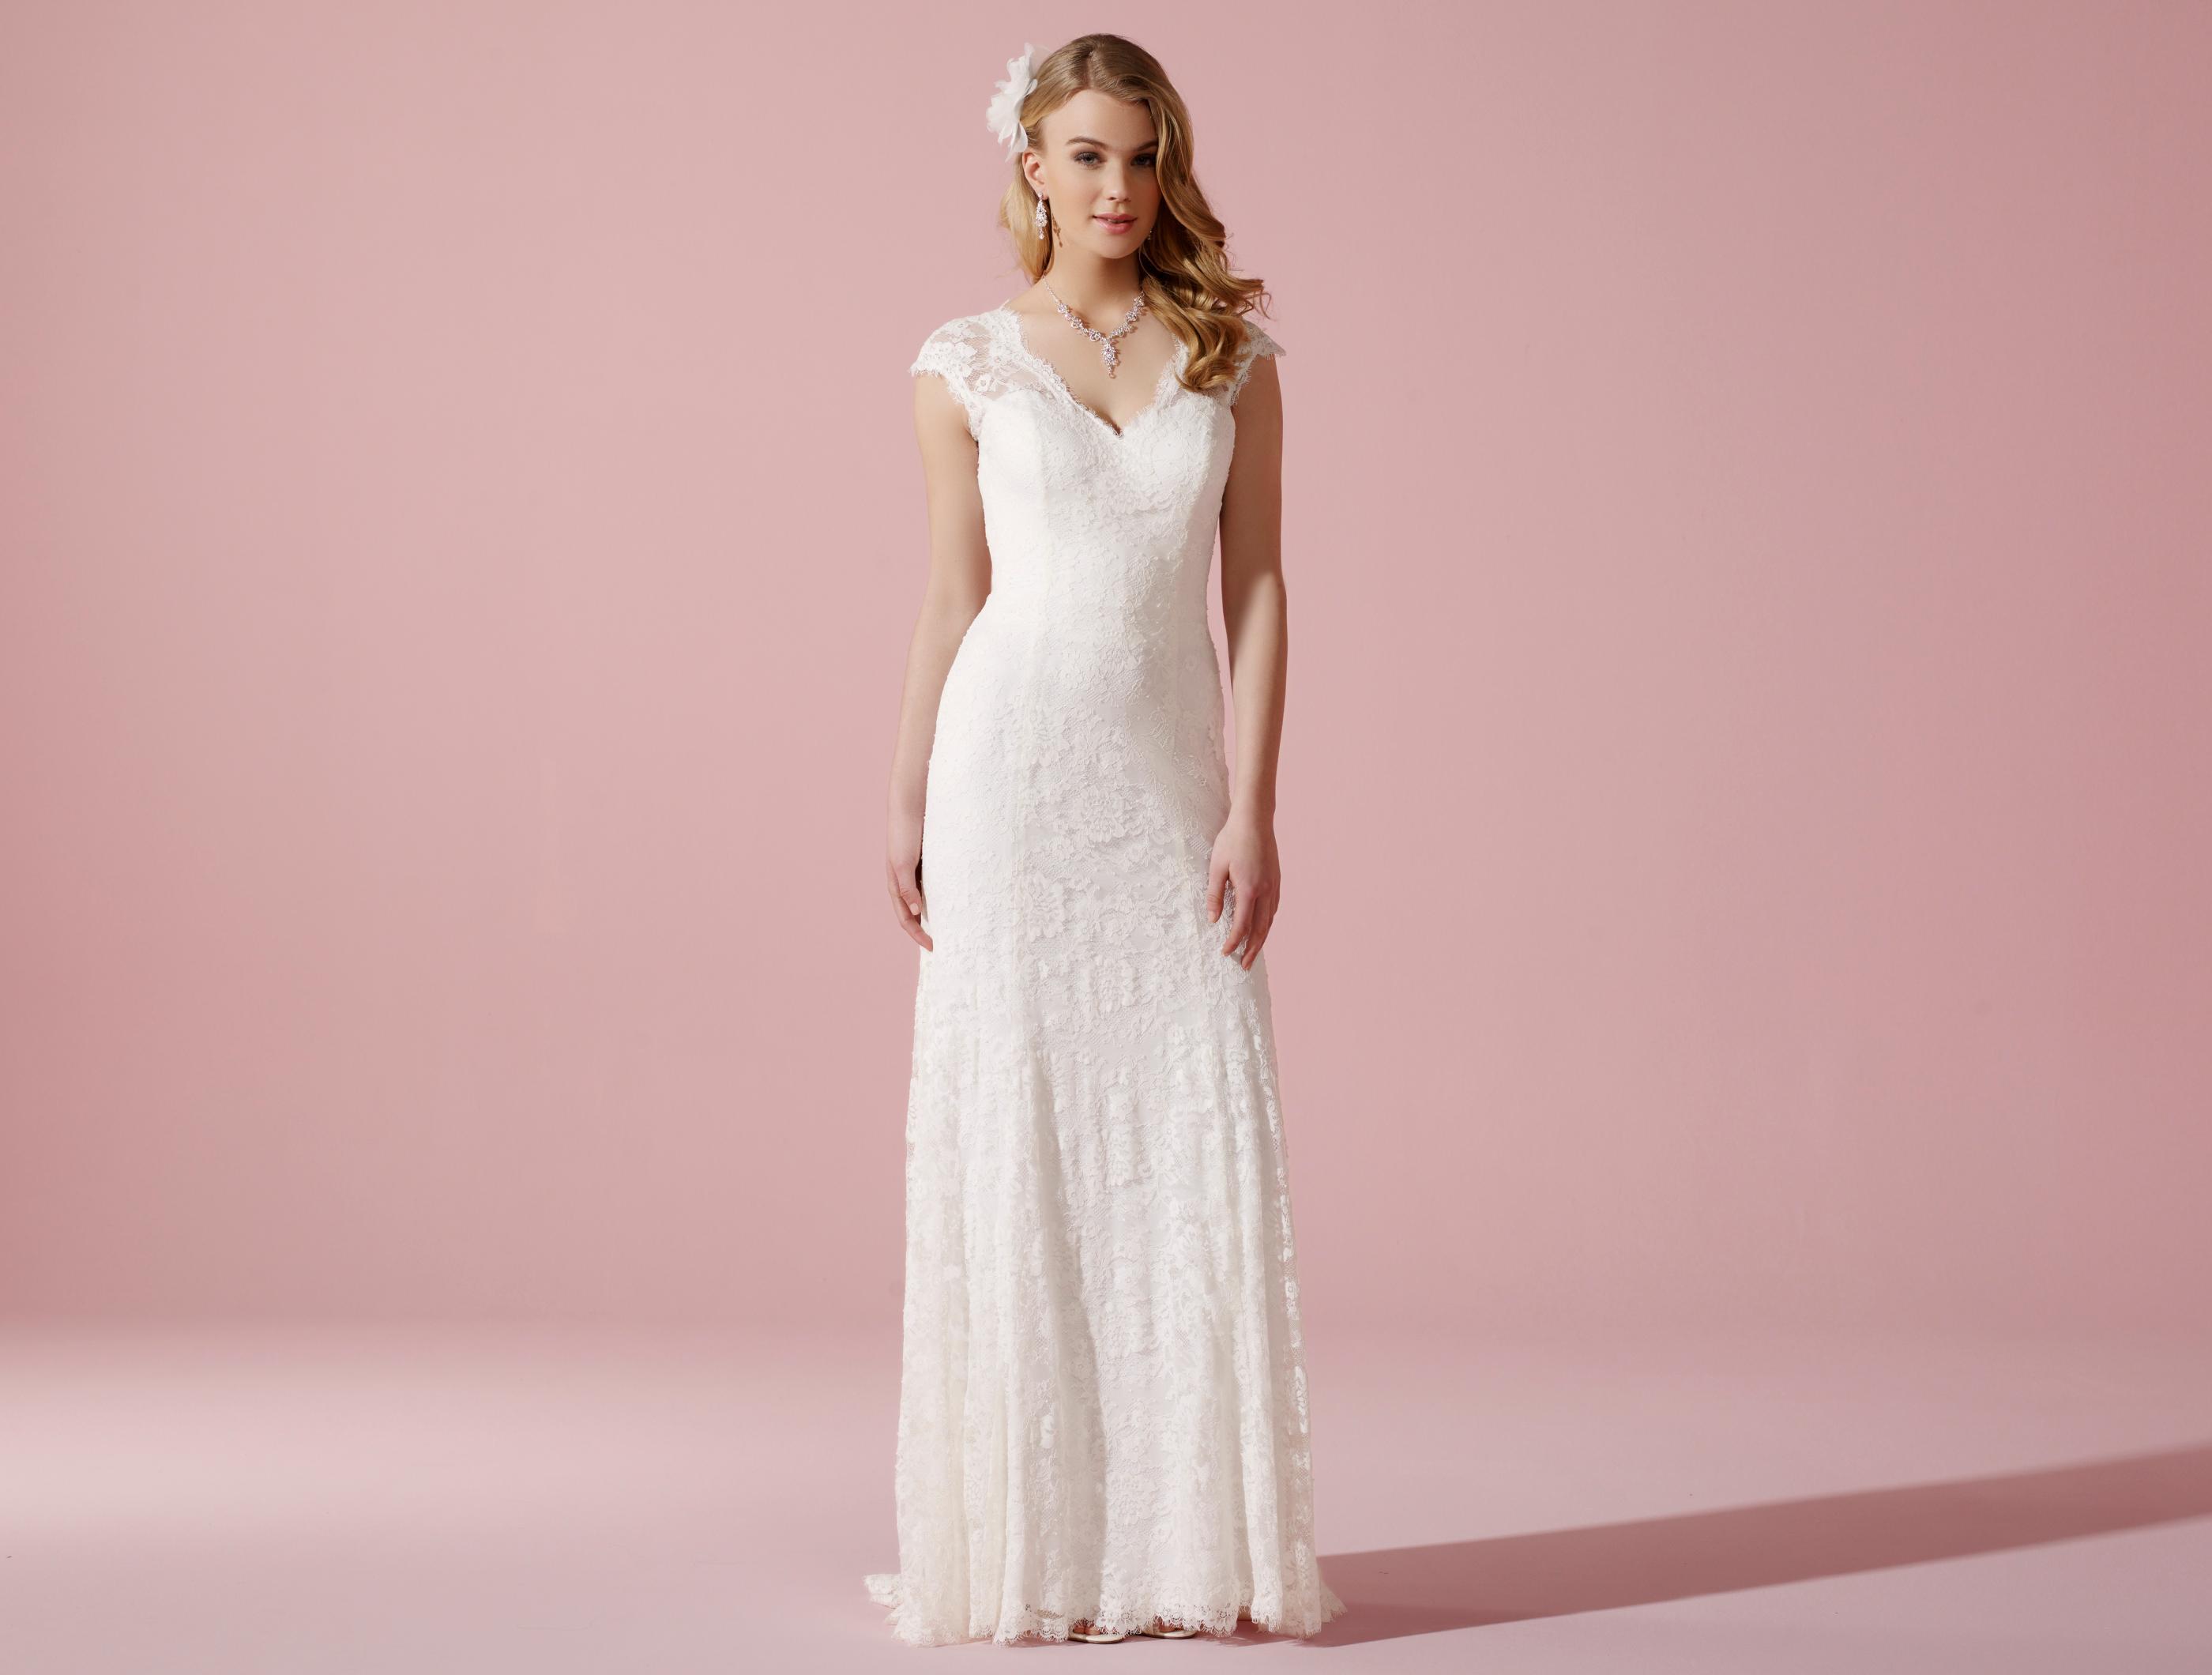 Schmales Brautkleid aus floraler Spitze und mit Illusions-Ausschnitt